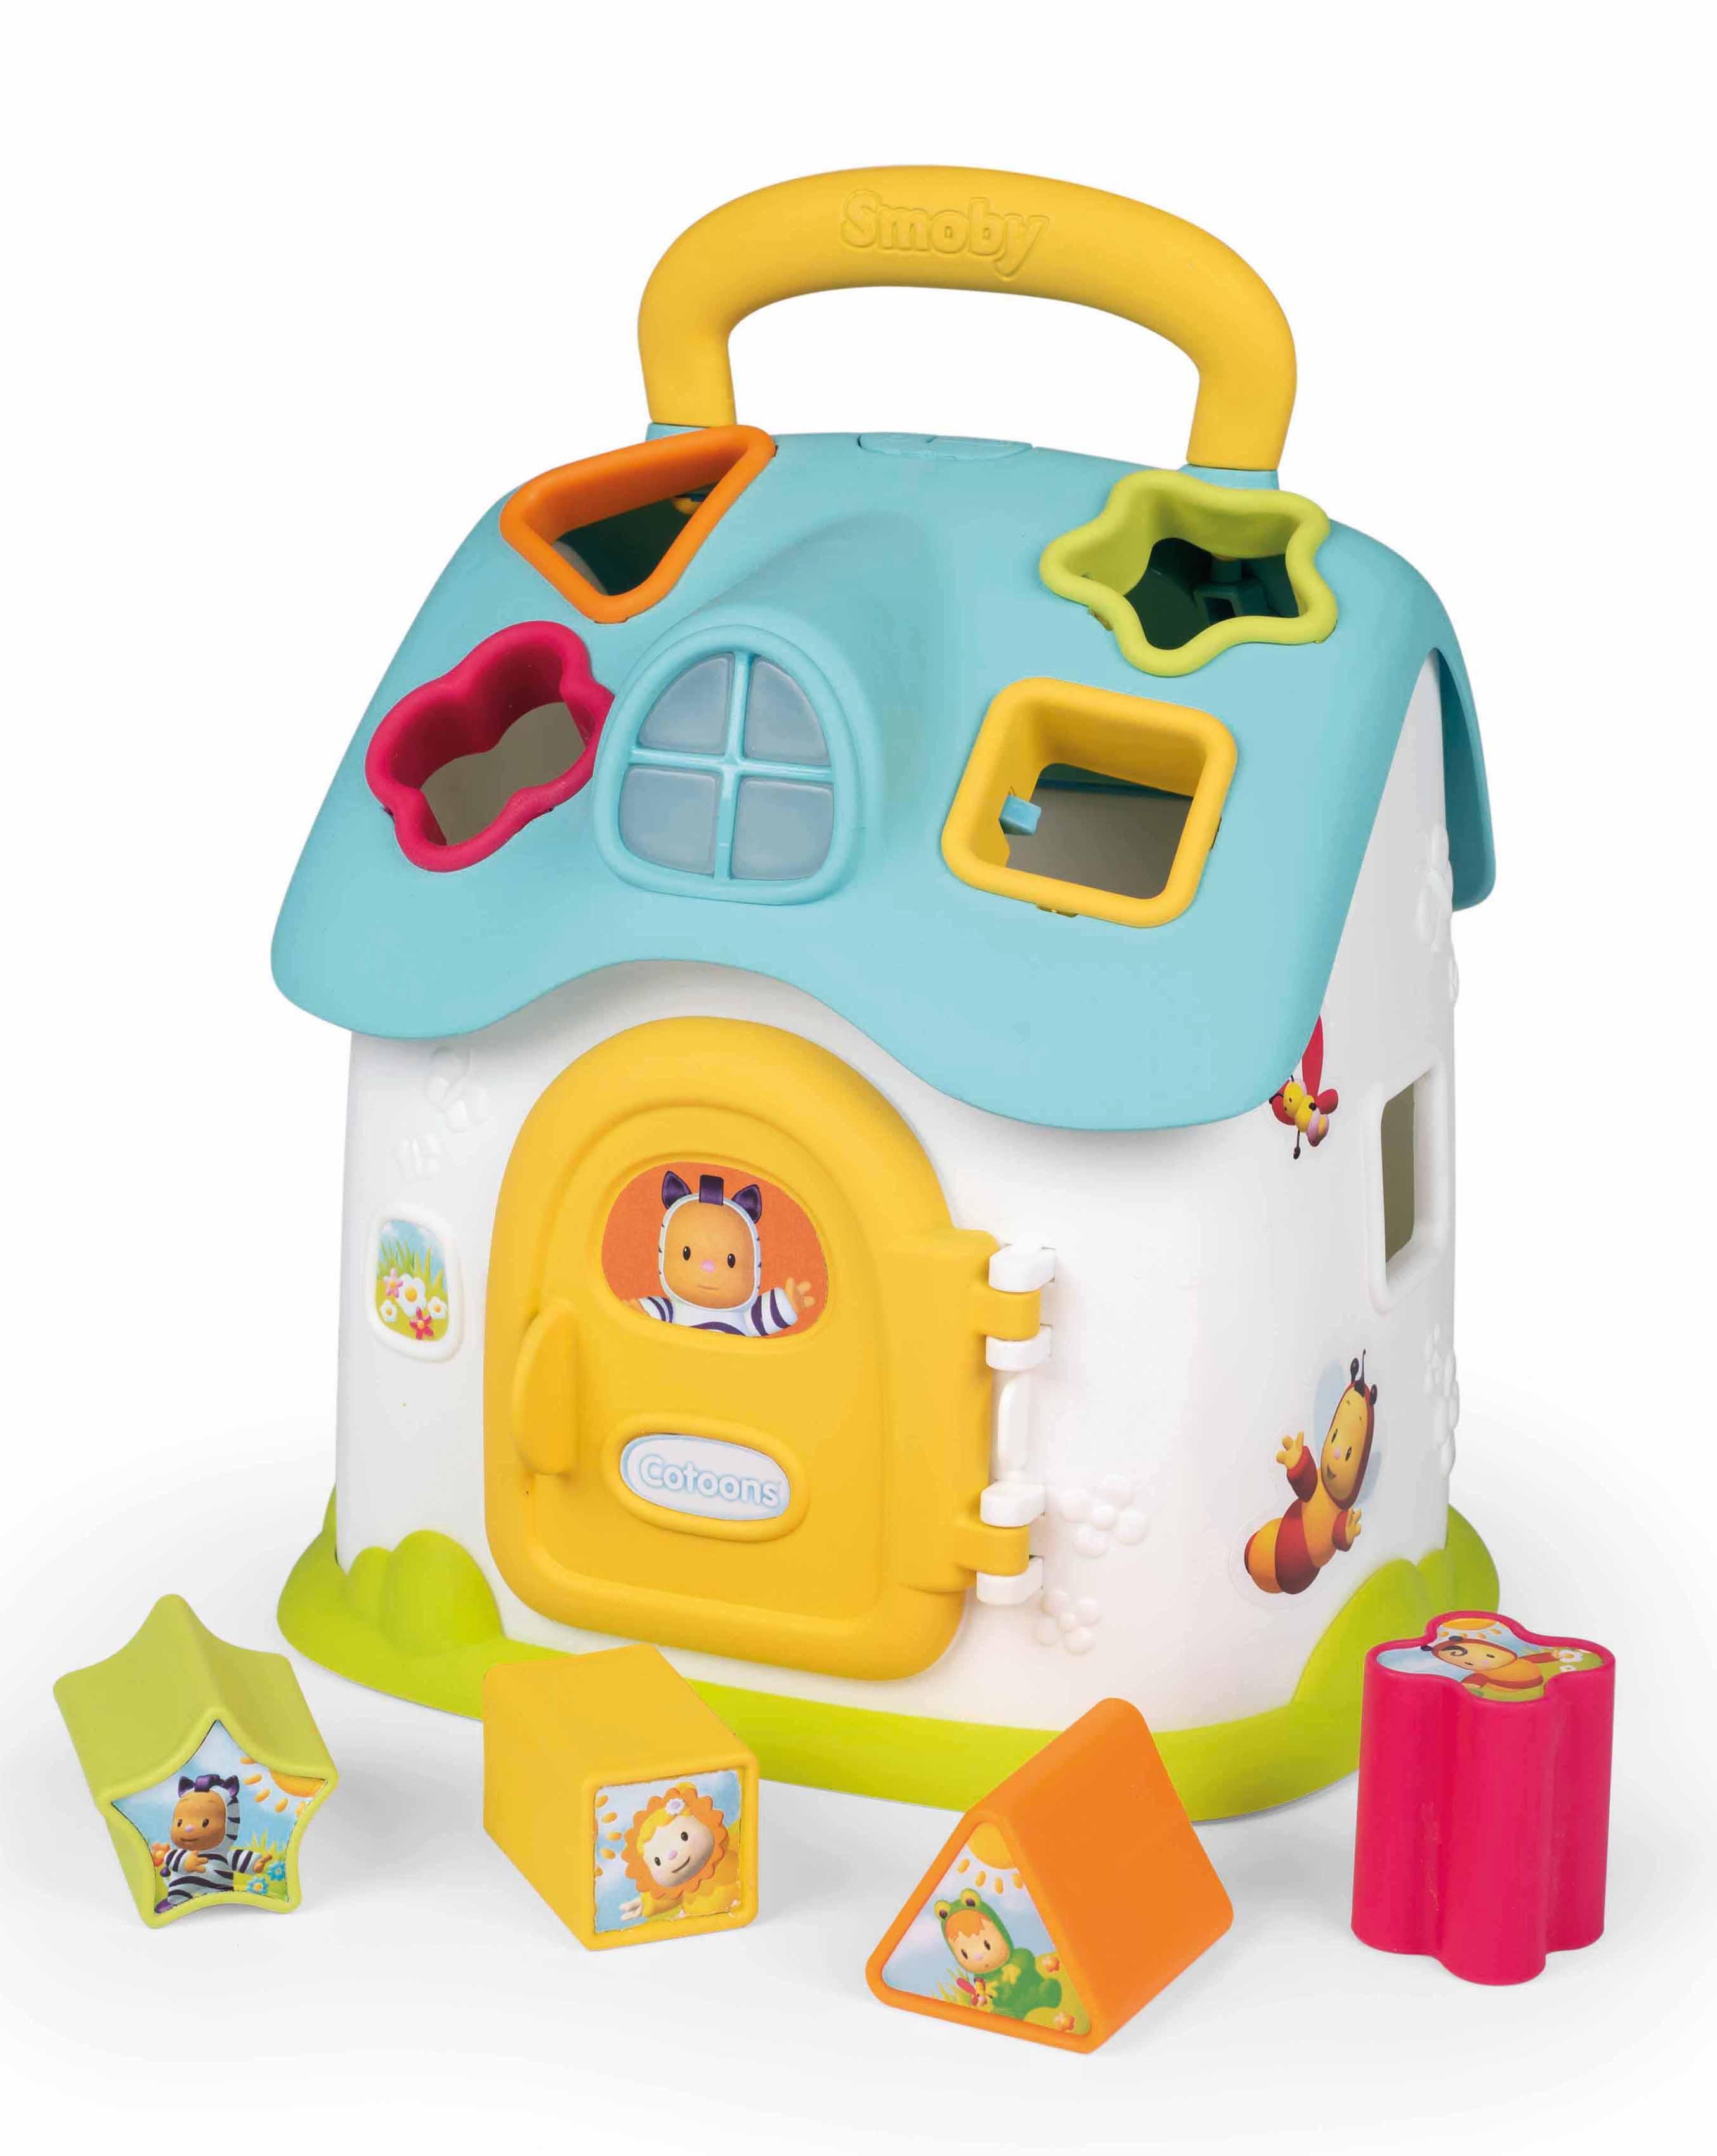 Smoby Steckspielzeug Cotoons Elektronisches Steckspielhaus bunt Kinder Steck- Stapelspielzeug Baby Kleinkind